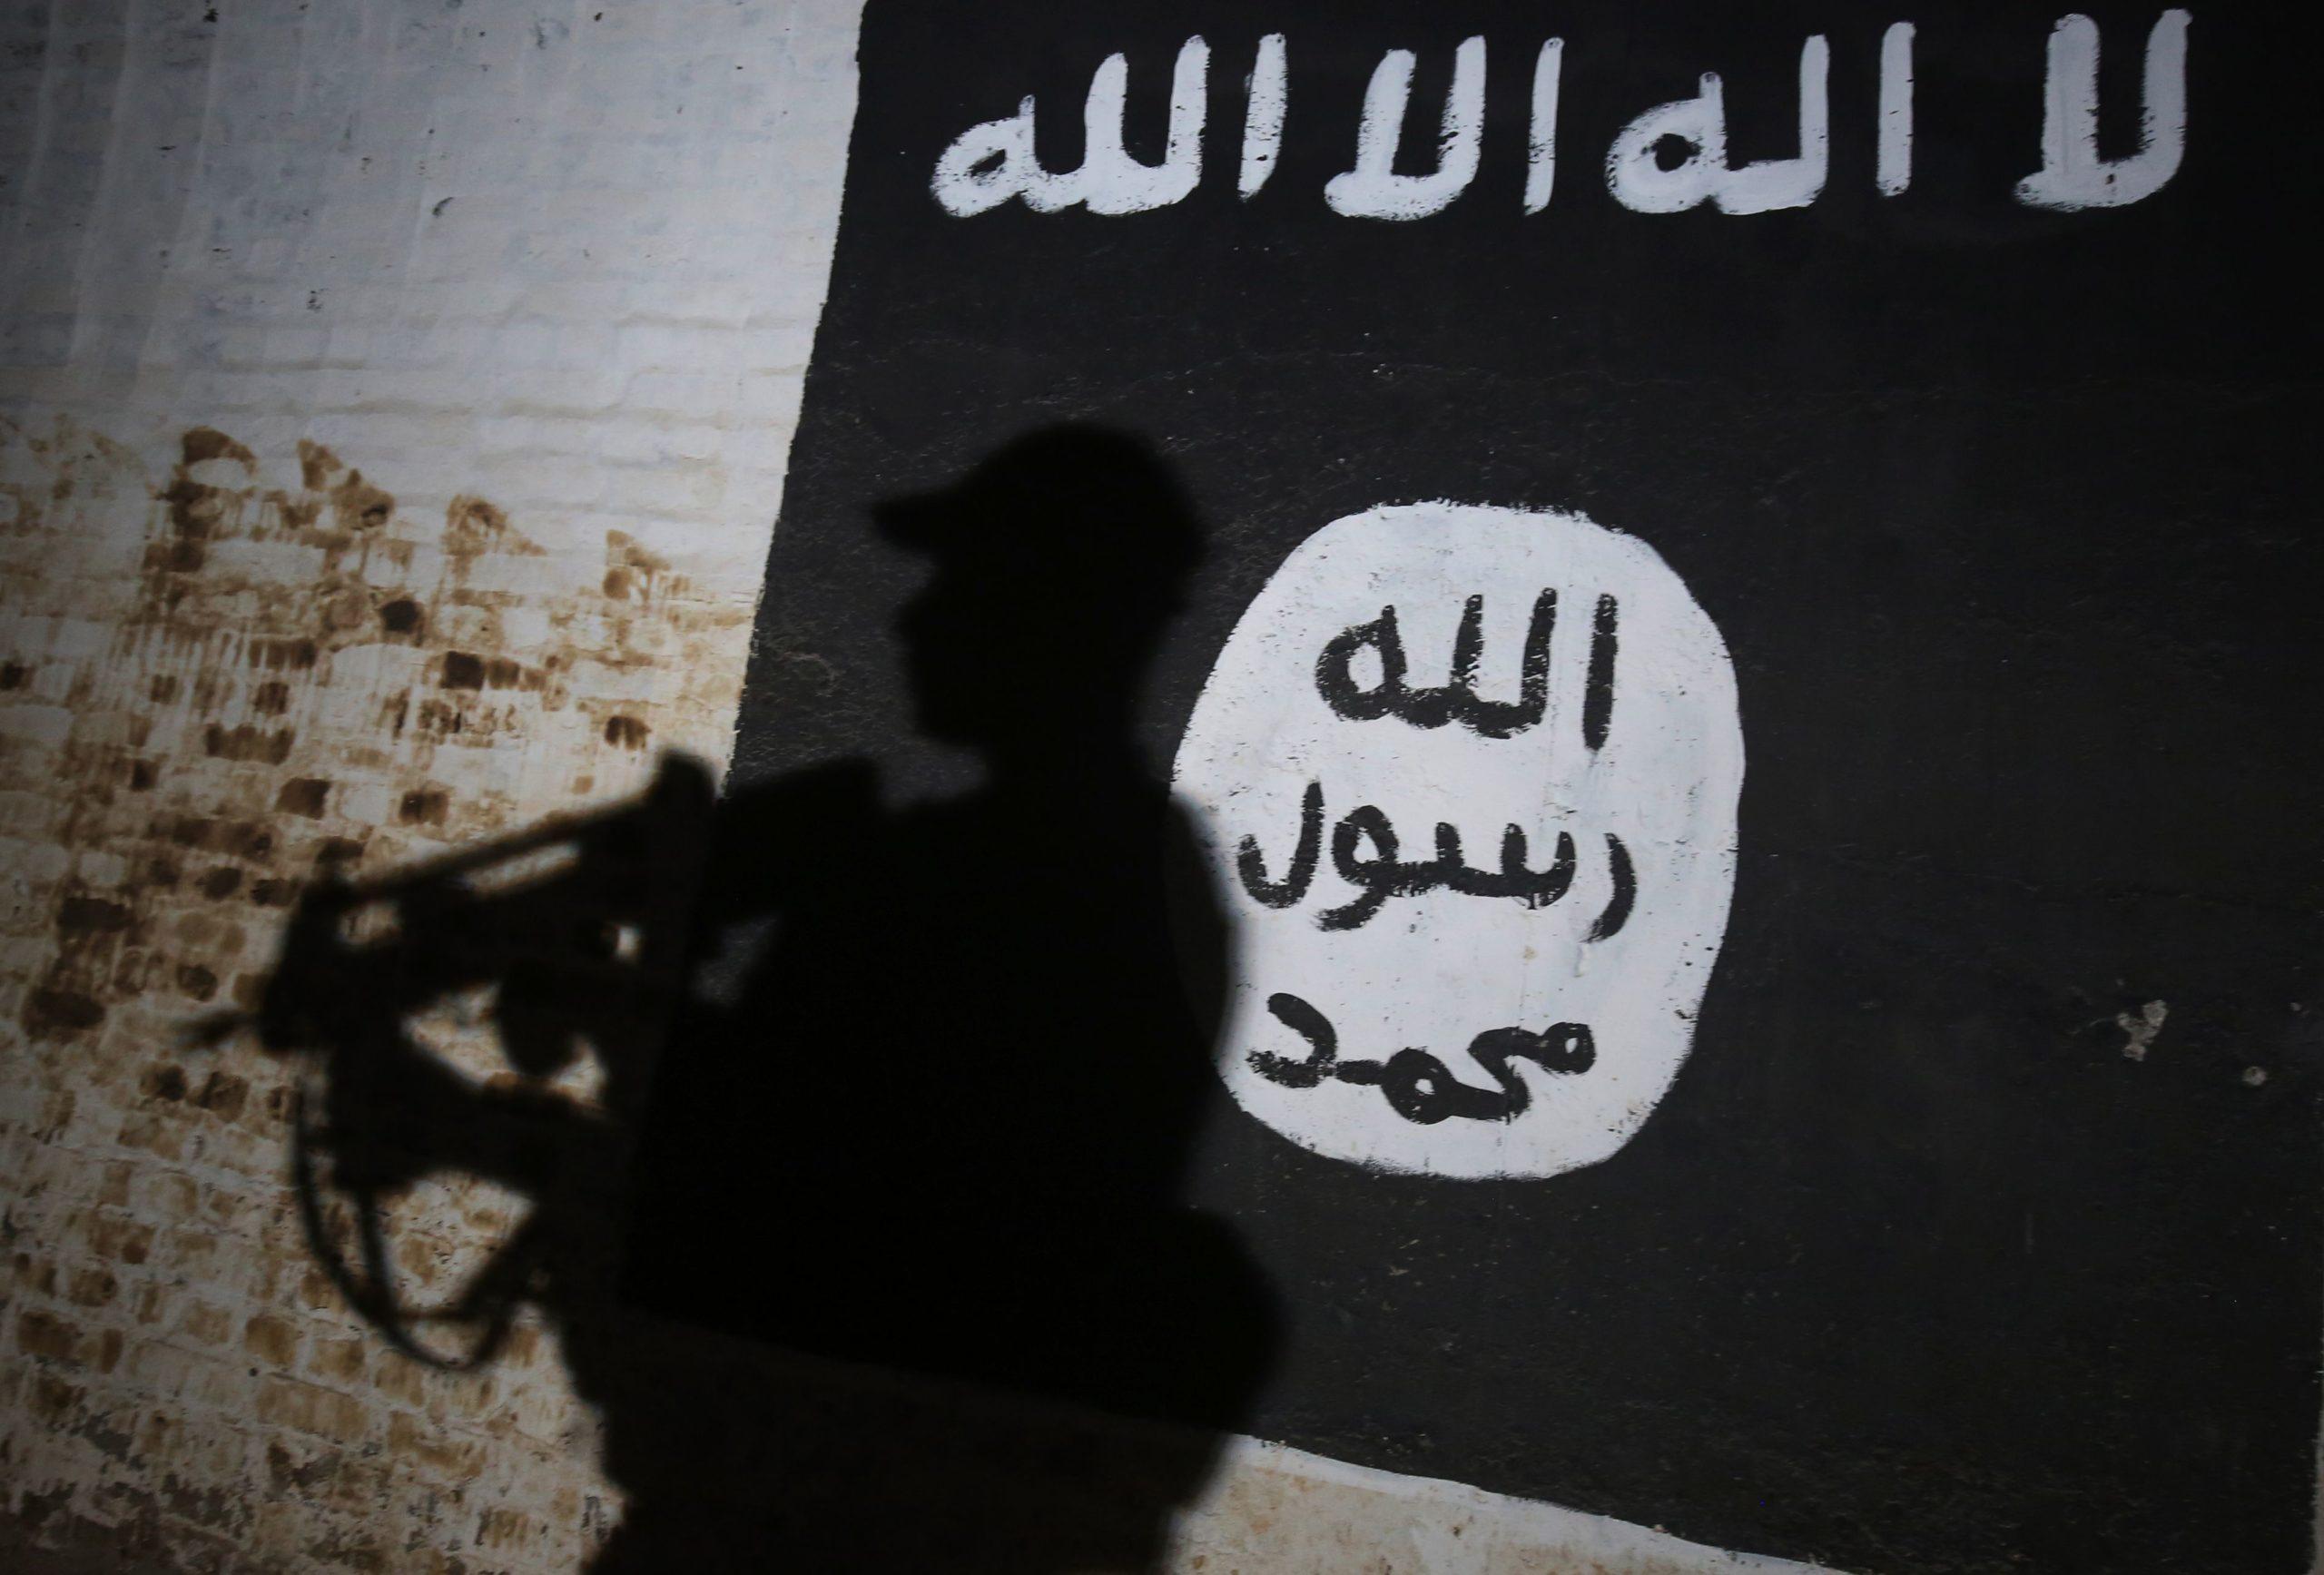 حمله داعش به یک مقر حشدالشعبی تحت حمایت جمهوری اسلامی ایران در بغداد 4 کشته برجای گذاشت